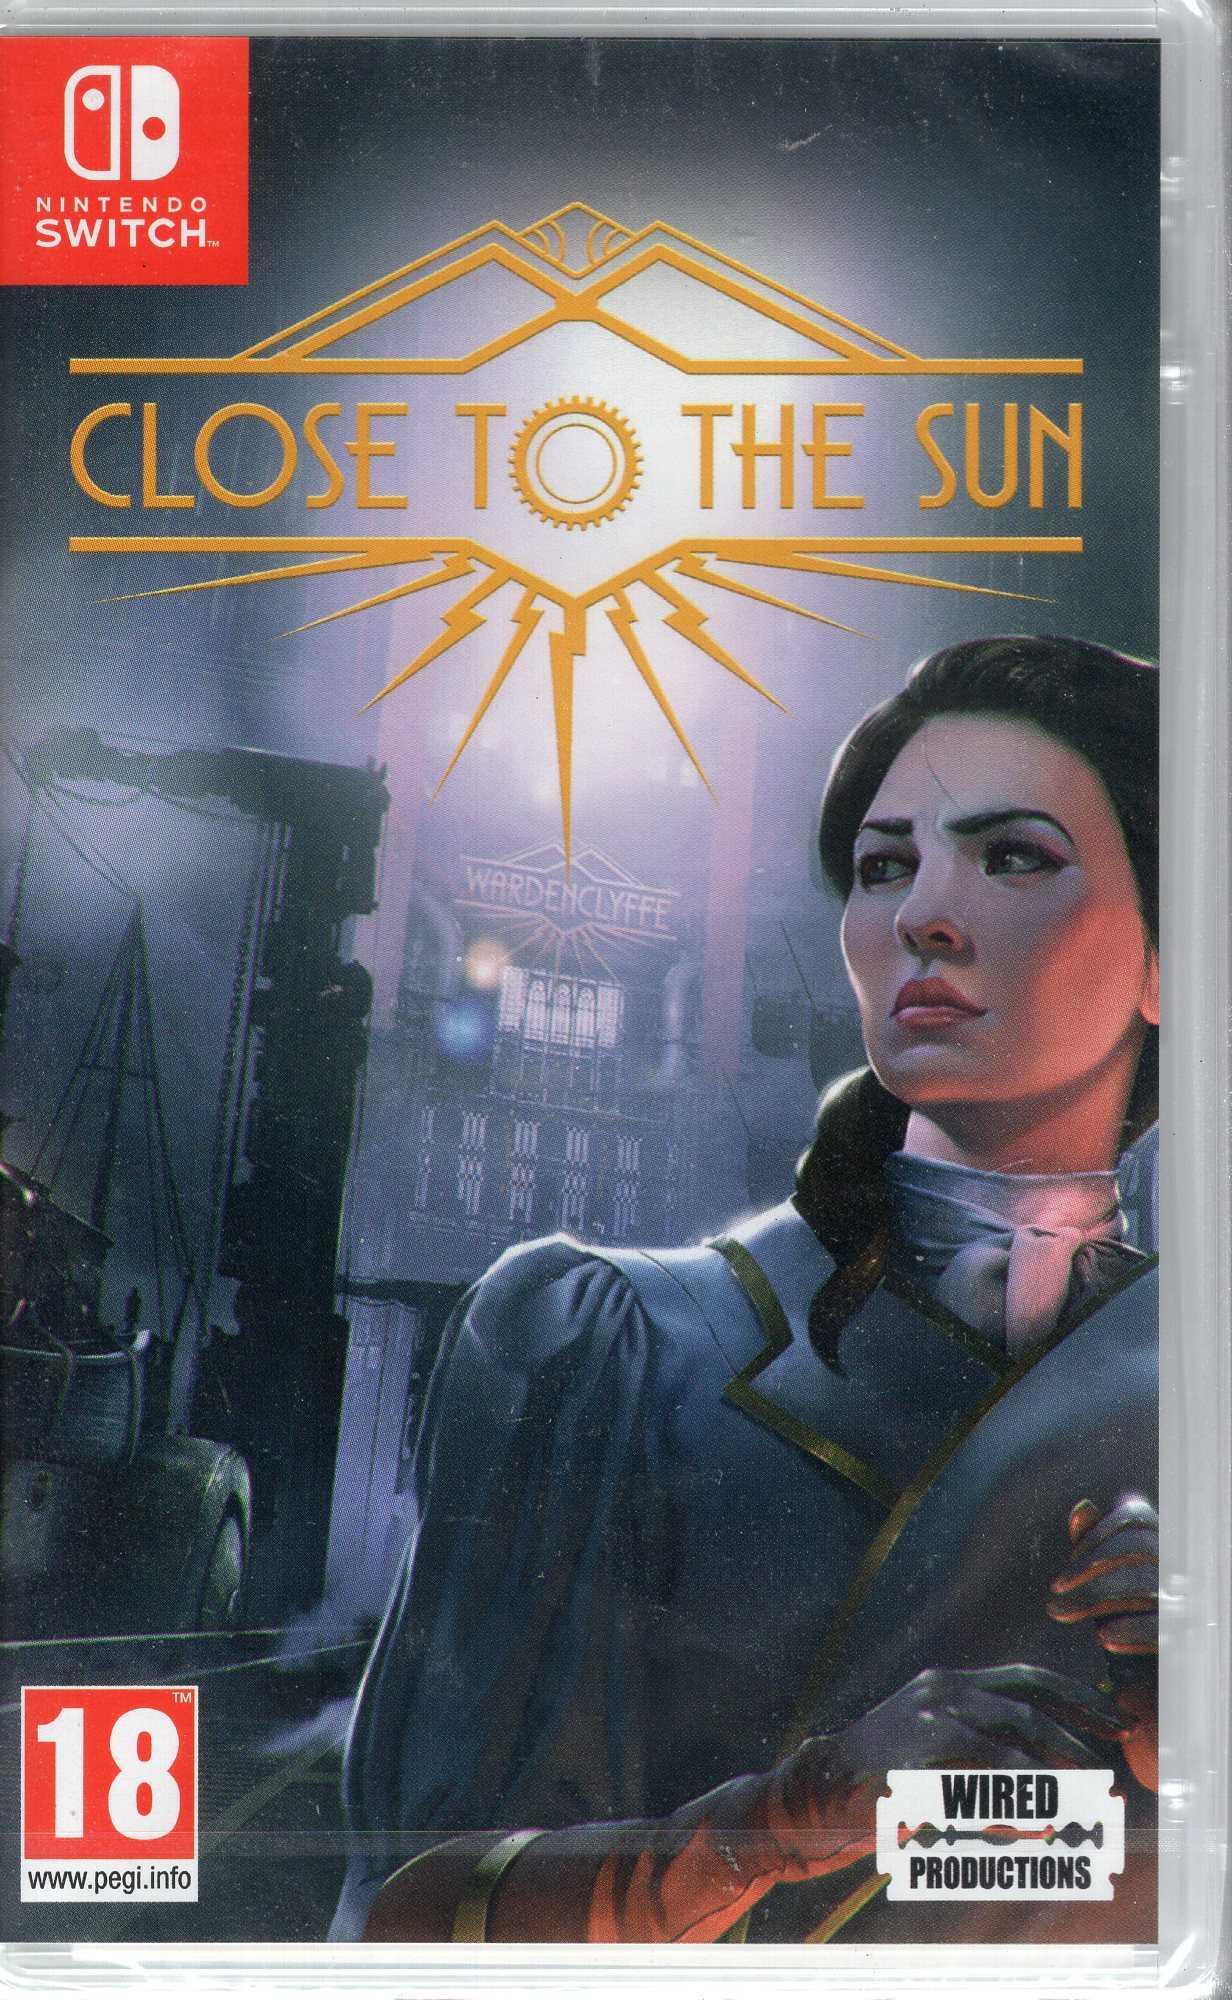 現貨中 Switch遊戲NS 靠近太陽 Close to the Sun 簡中文版【板橋魔力】